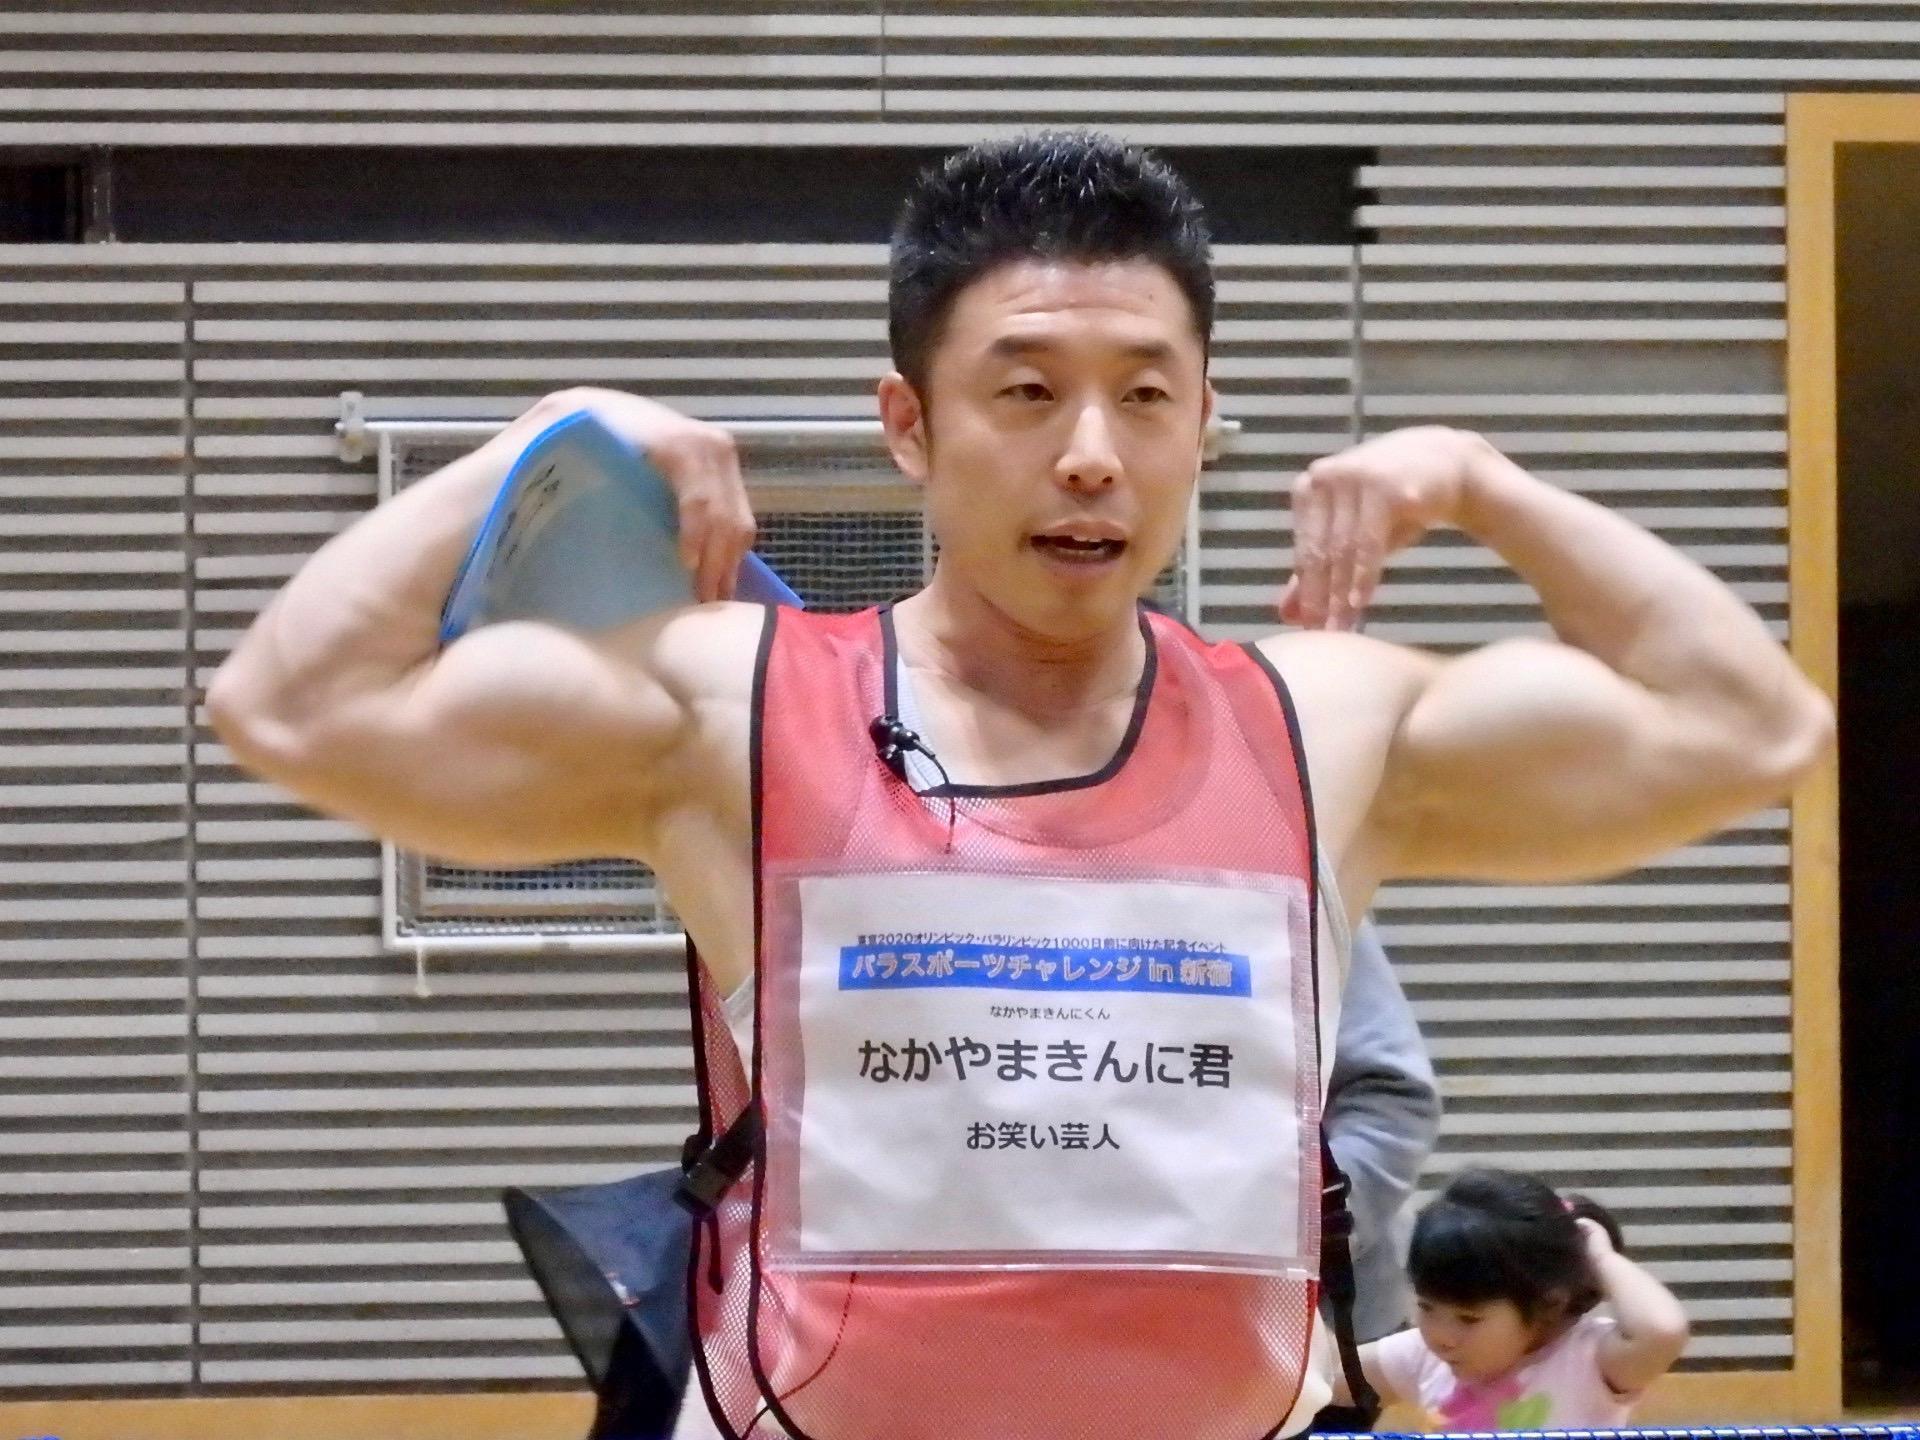 http://news.yoshimoto.co.jp/20171203111040-51a89279881aacfe591915b6a82d994483369f38.jpg